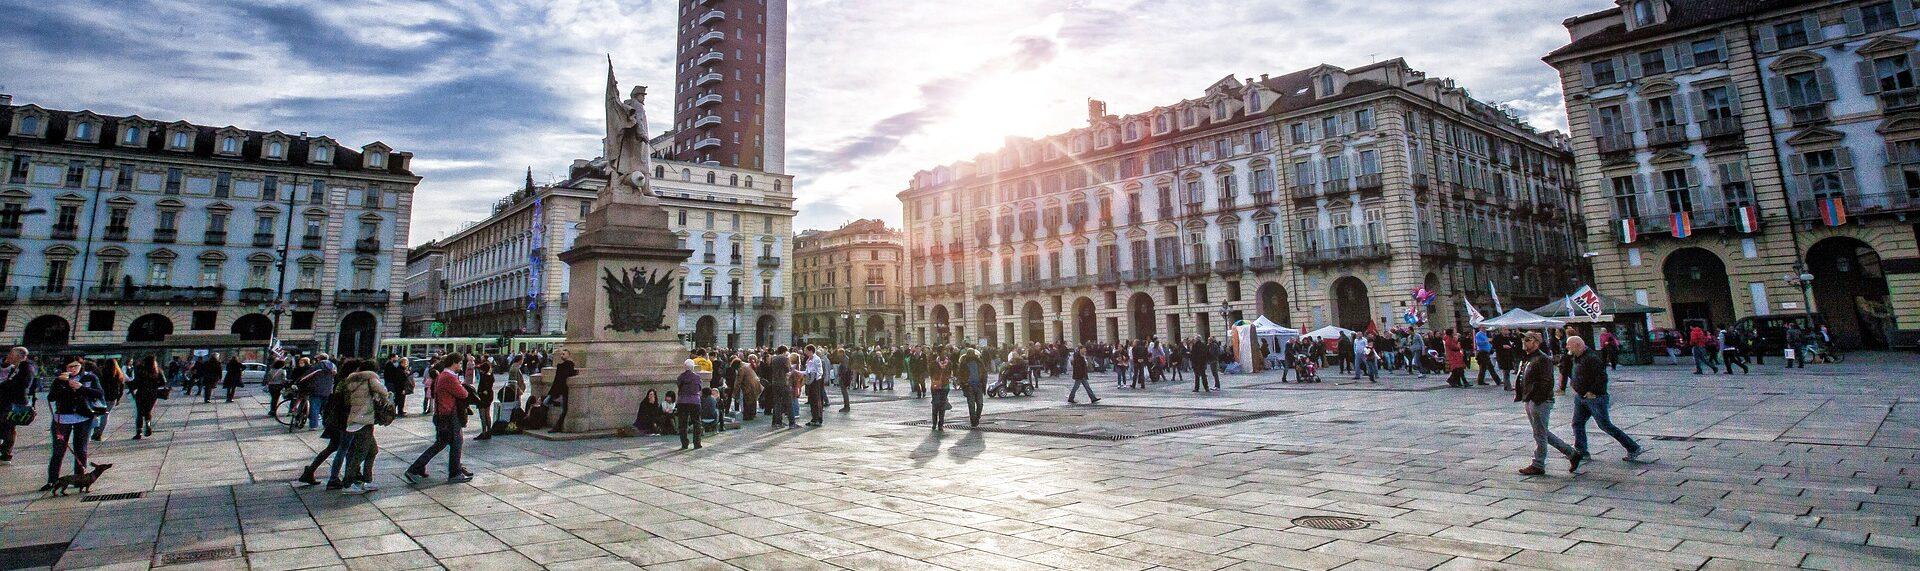 Studio Legale Morizio | Piazza Castello n. 9 Torino